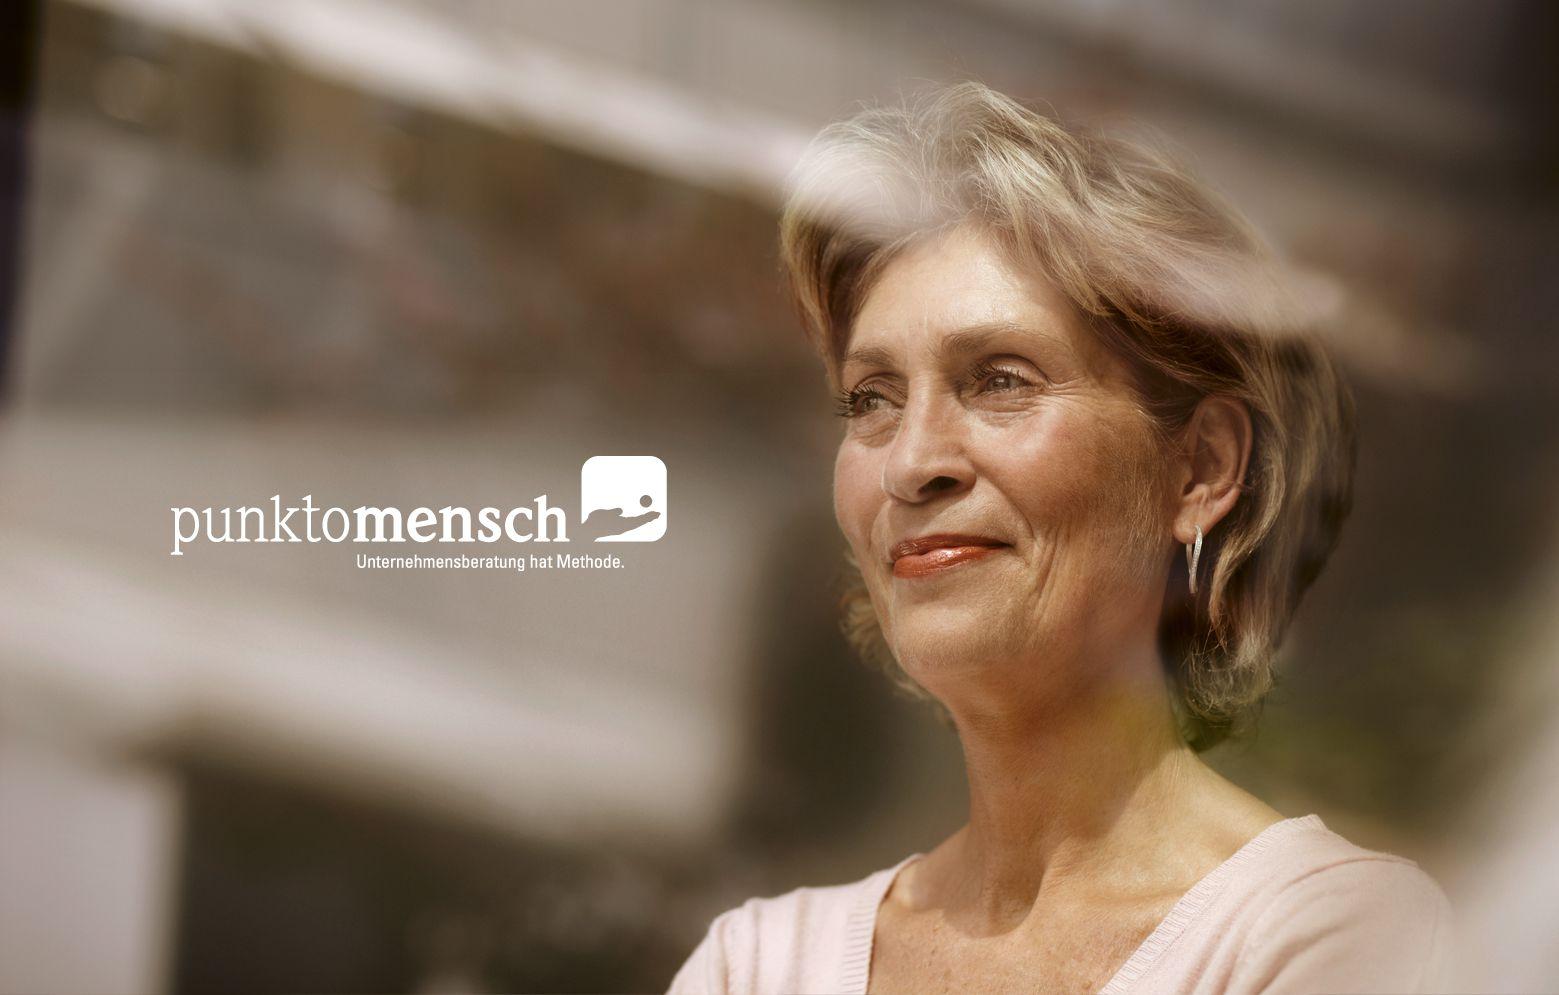 punktomesch Startseite mit Frau Dr. Lucassen